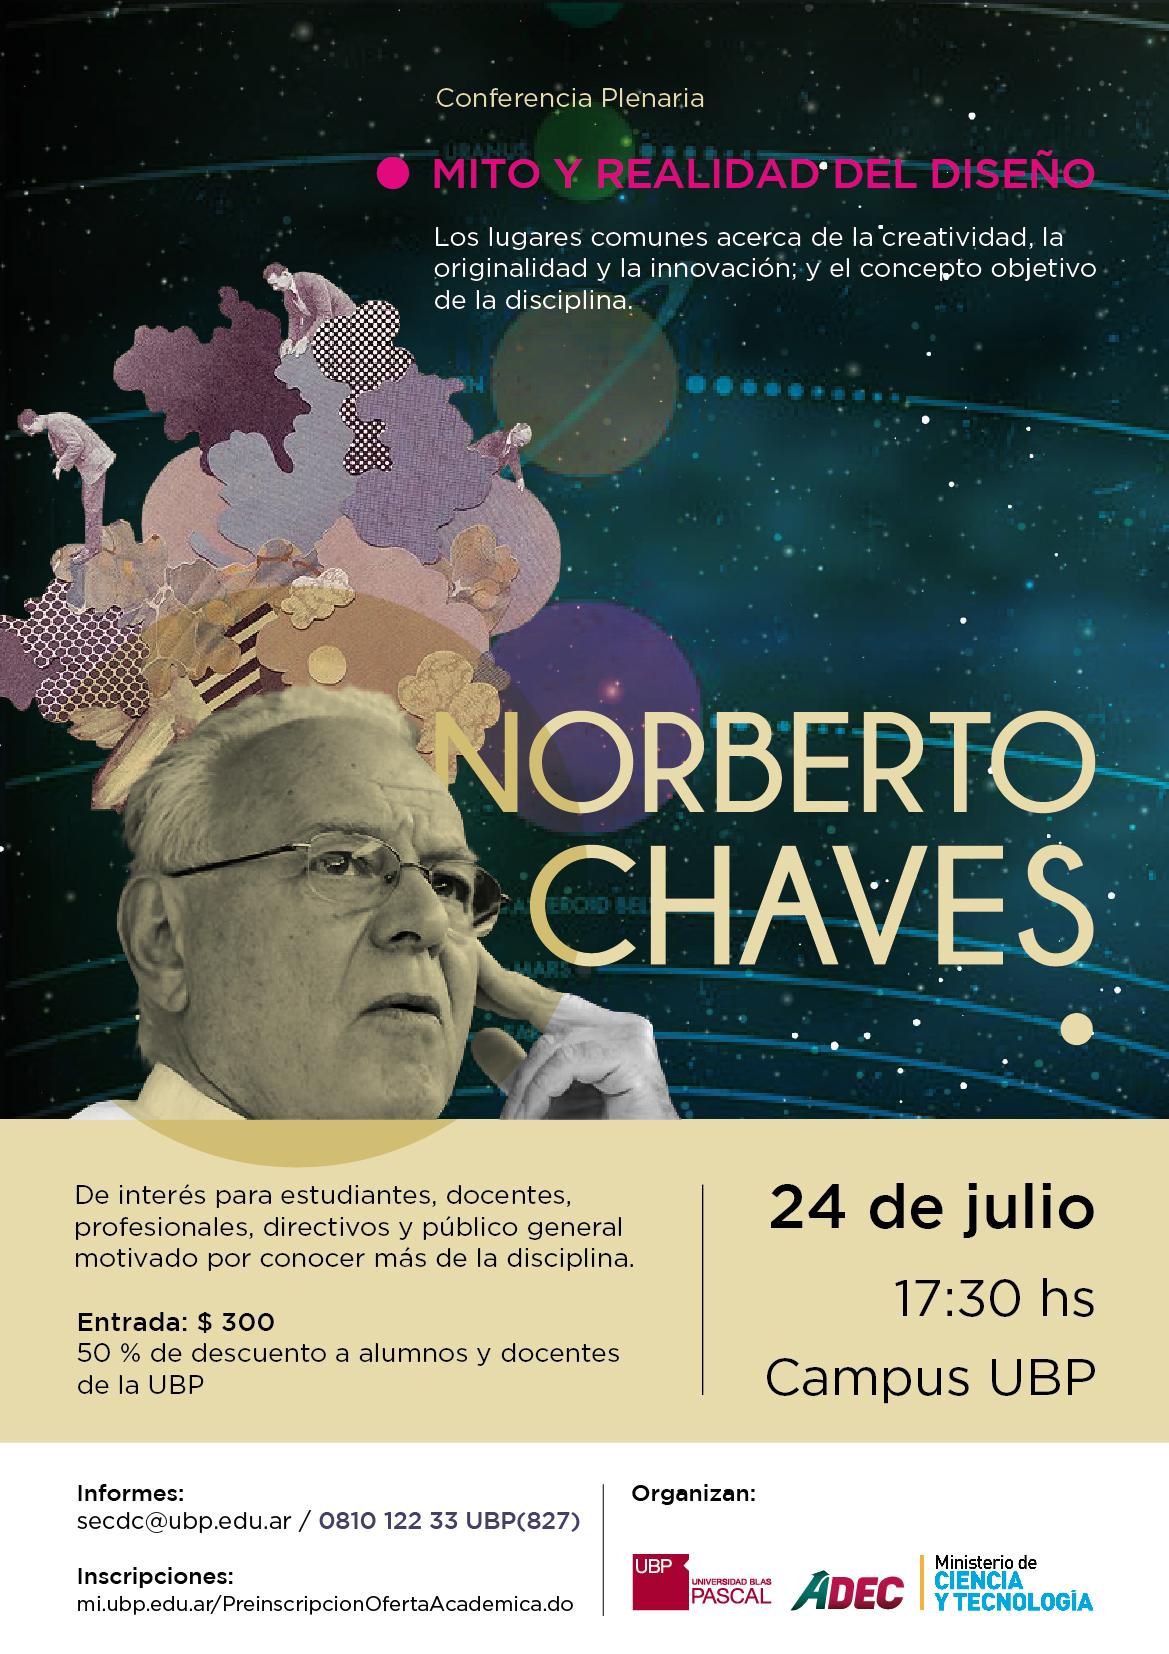 Norberto Chaves: Conferencia, Mito y realidad del diseño